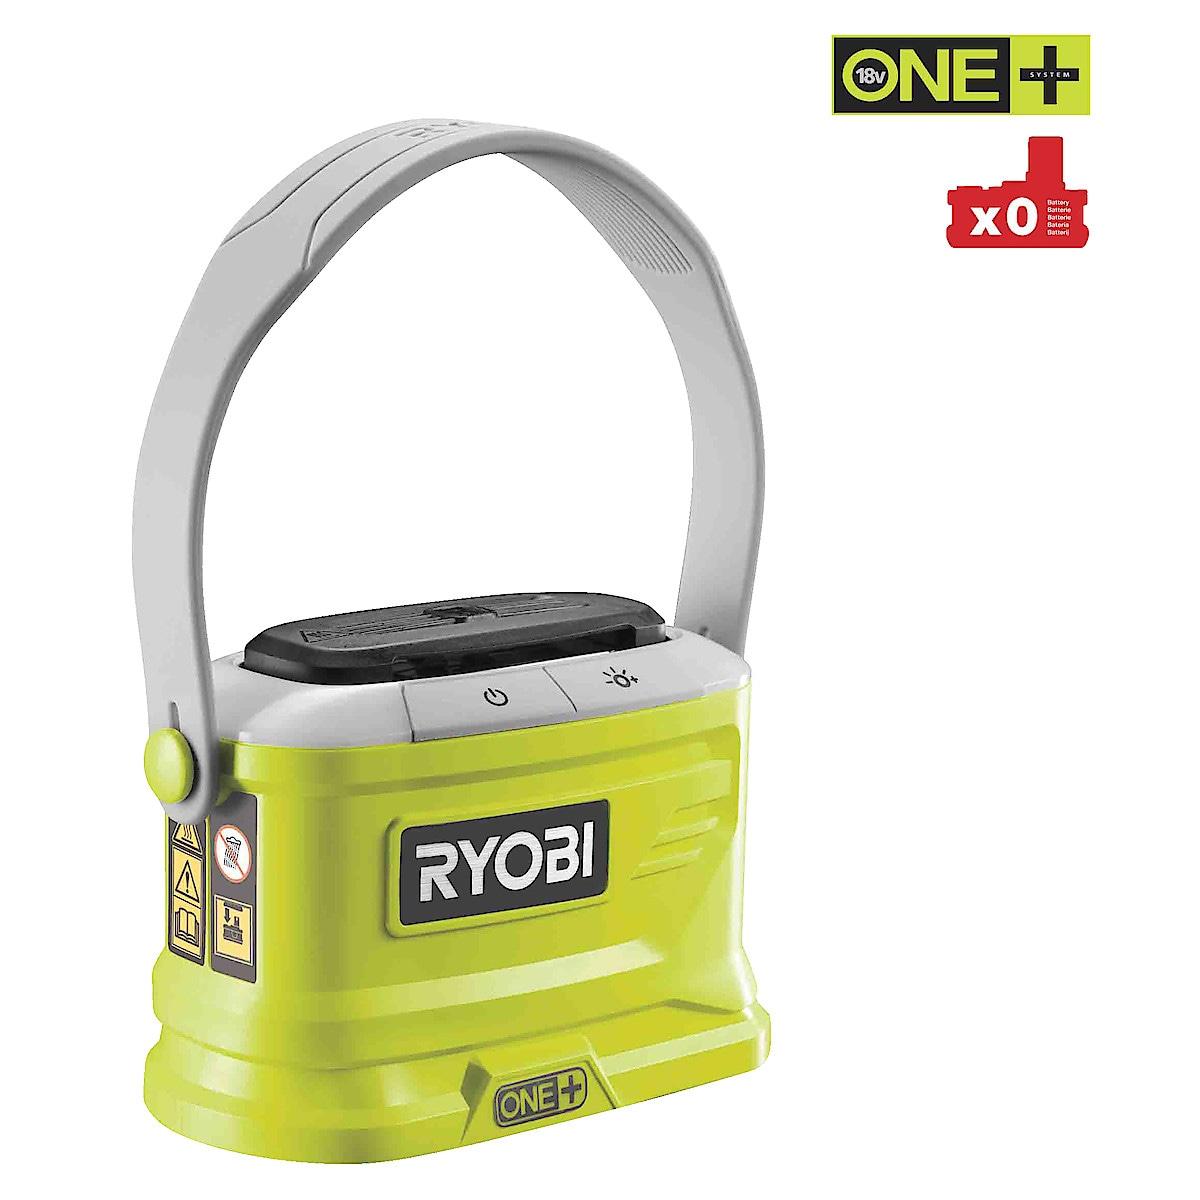 Ryobi OBR1800 Hyttyskarkotin 18 V